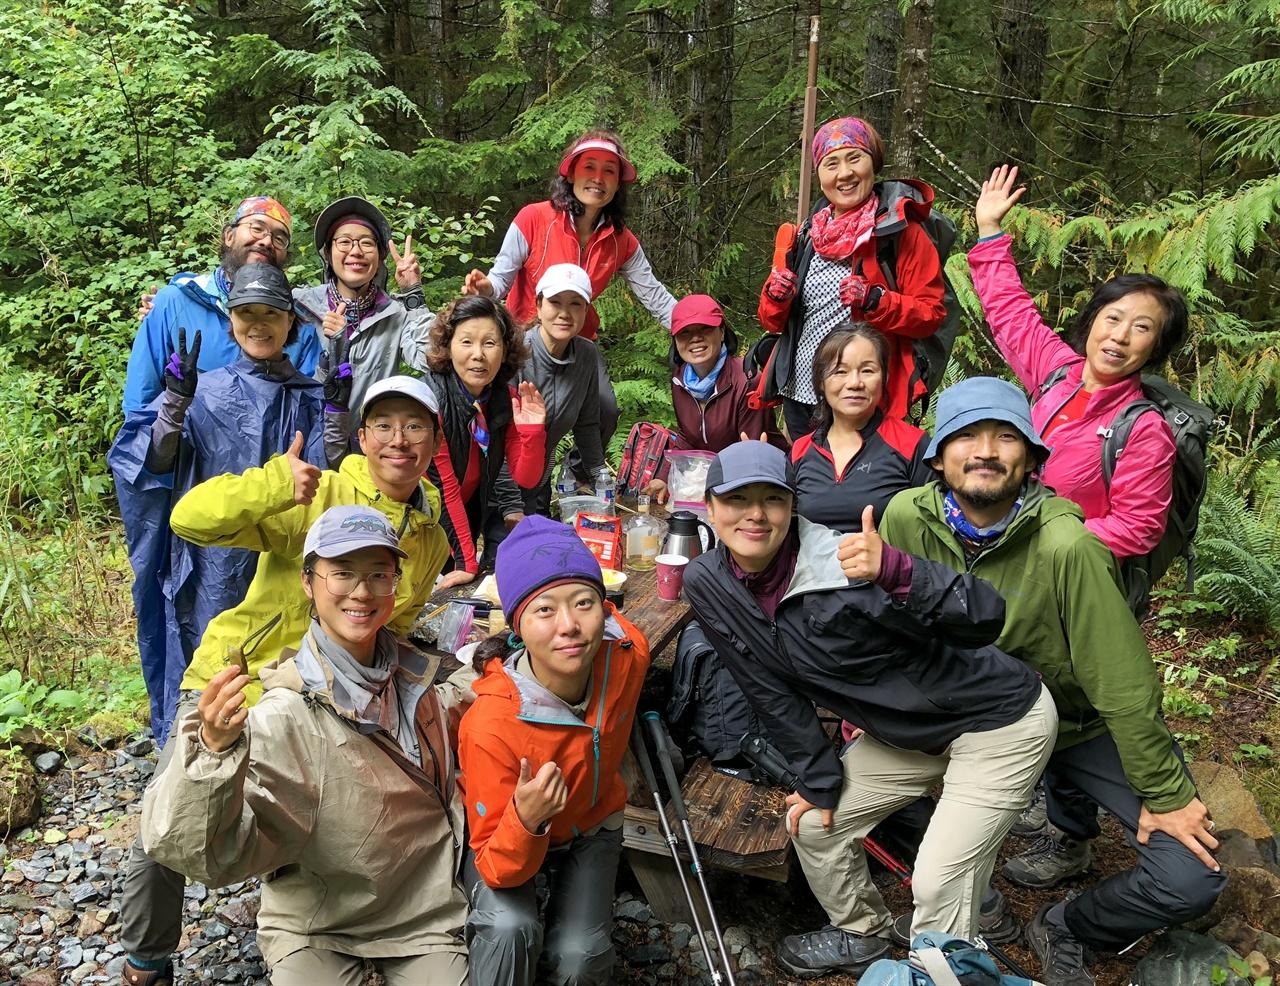 한국 트레일 엔젤 골드마이어 온천에서 만난 시애틀 교민분들